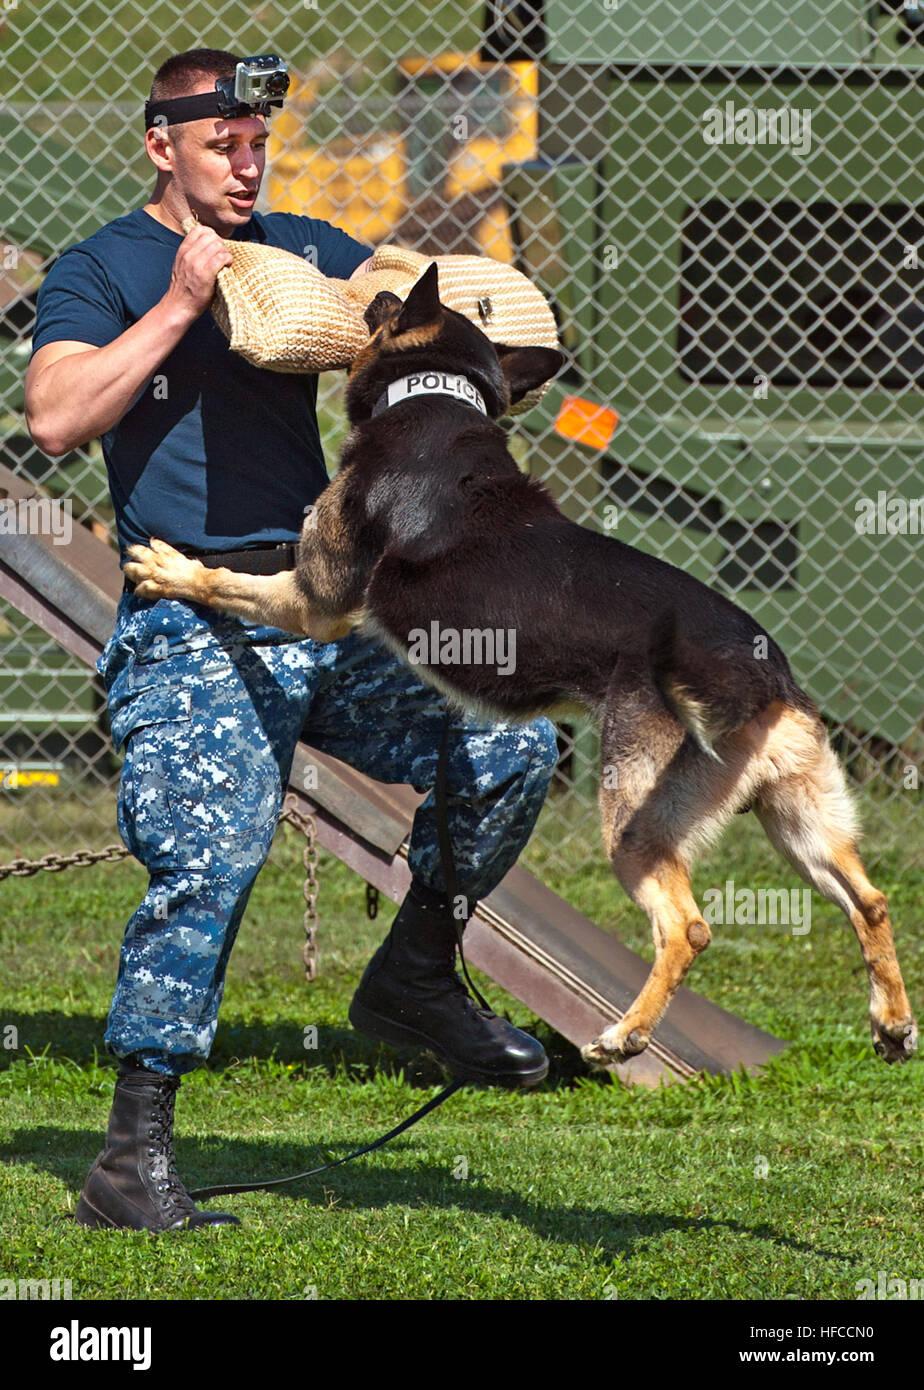 Arbeiten Auf Hawaii jimmy kontrolliert eine militärpolizei arbeiten hund angriffe us